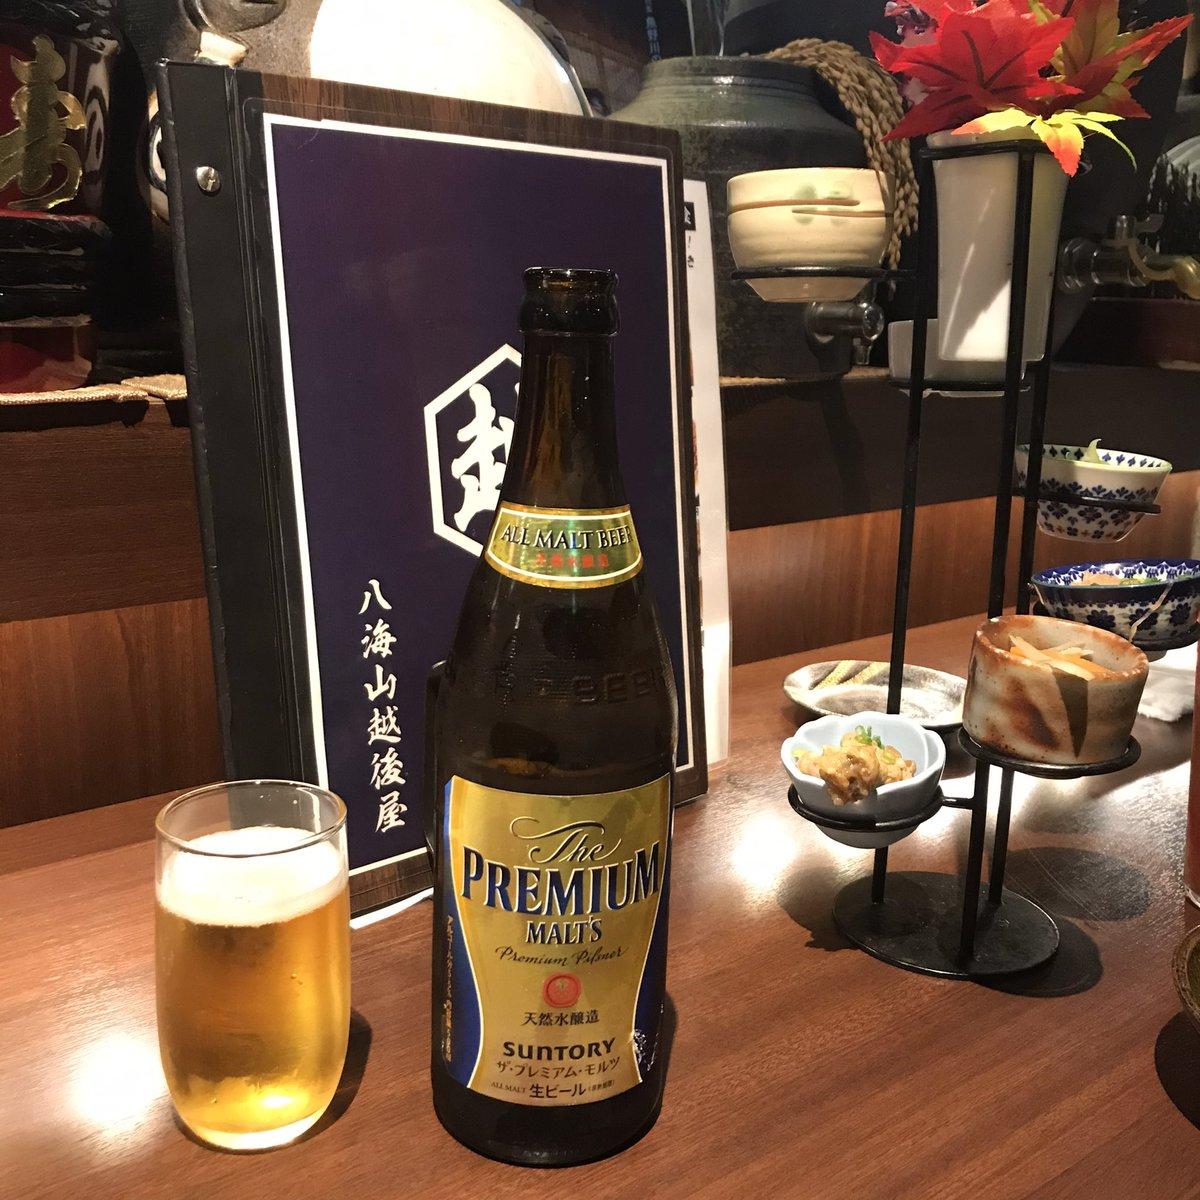 test ツイッターメディア - 写真会の後は名駅の八海山越後屋で軽〜く呑みとご飯 有名な八海山の日本酒が色々飲めて、日本酒に合うつまみと魚沼産の炊き立て窯炊きご飯が食べられる最高なお店… 普段呑みのときお米は食べないんだけども、ここのは食べちゃうよね〜 お酒飲まない人にもオススメのお店よーん! https://t.co/uCI4nqBeMx